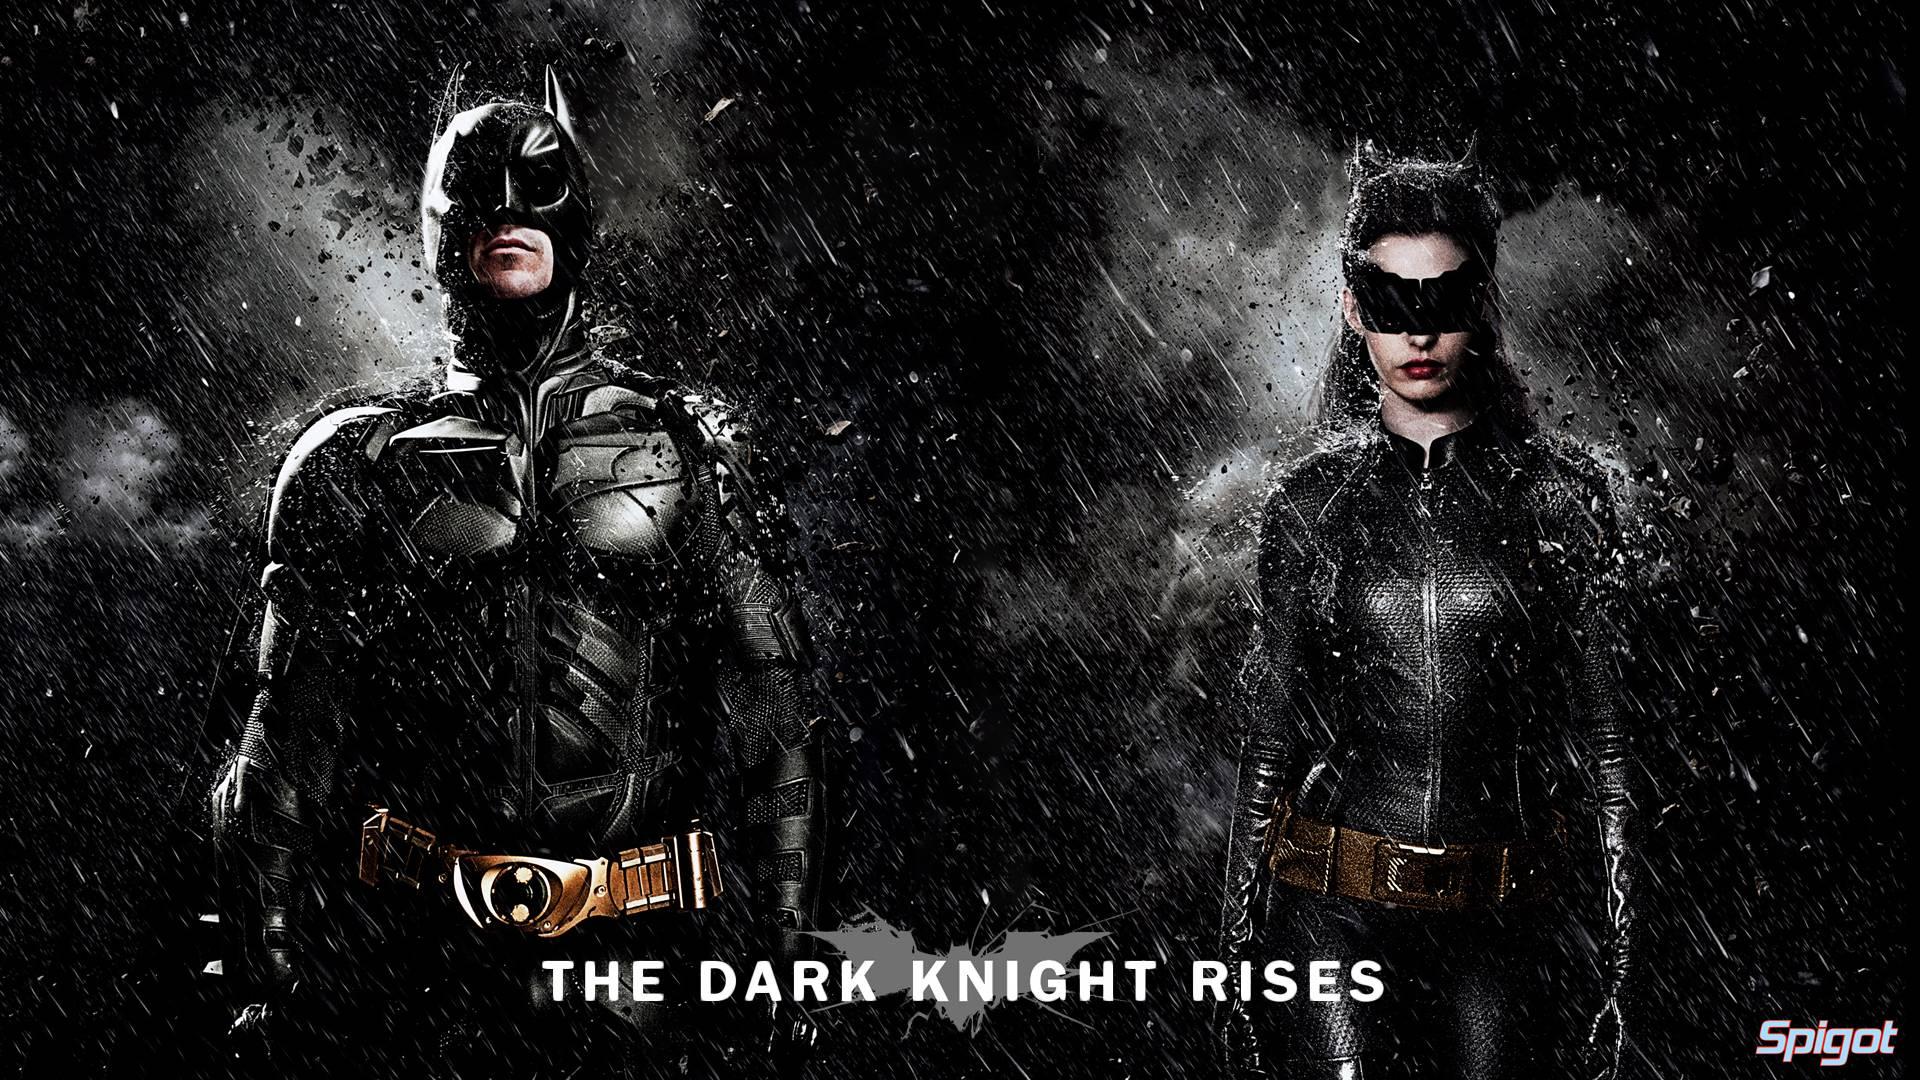 The Dark Knight Rises Wallpapers HD 1920x1080